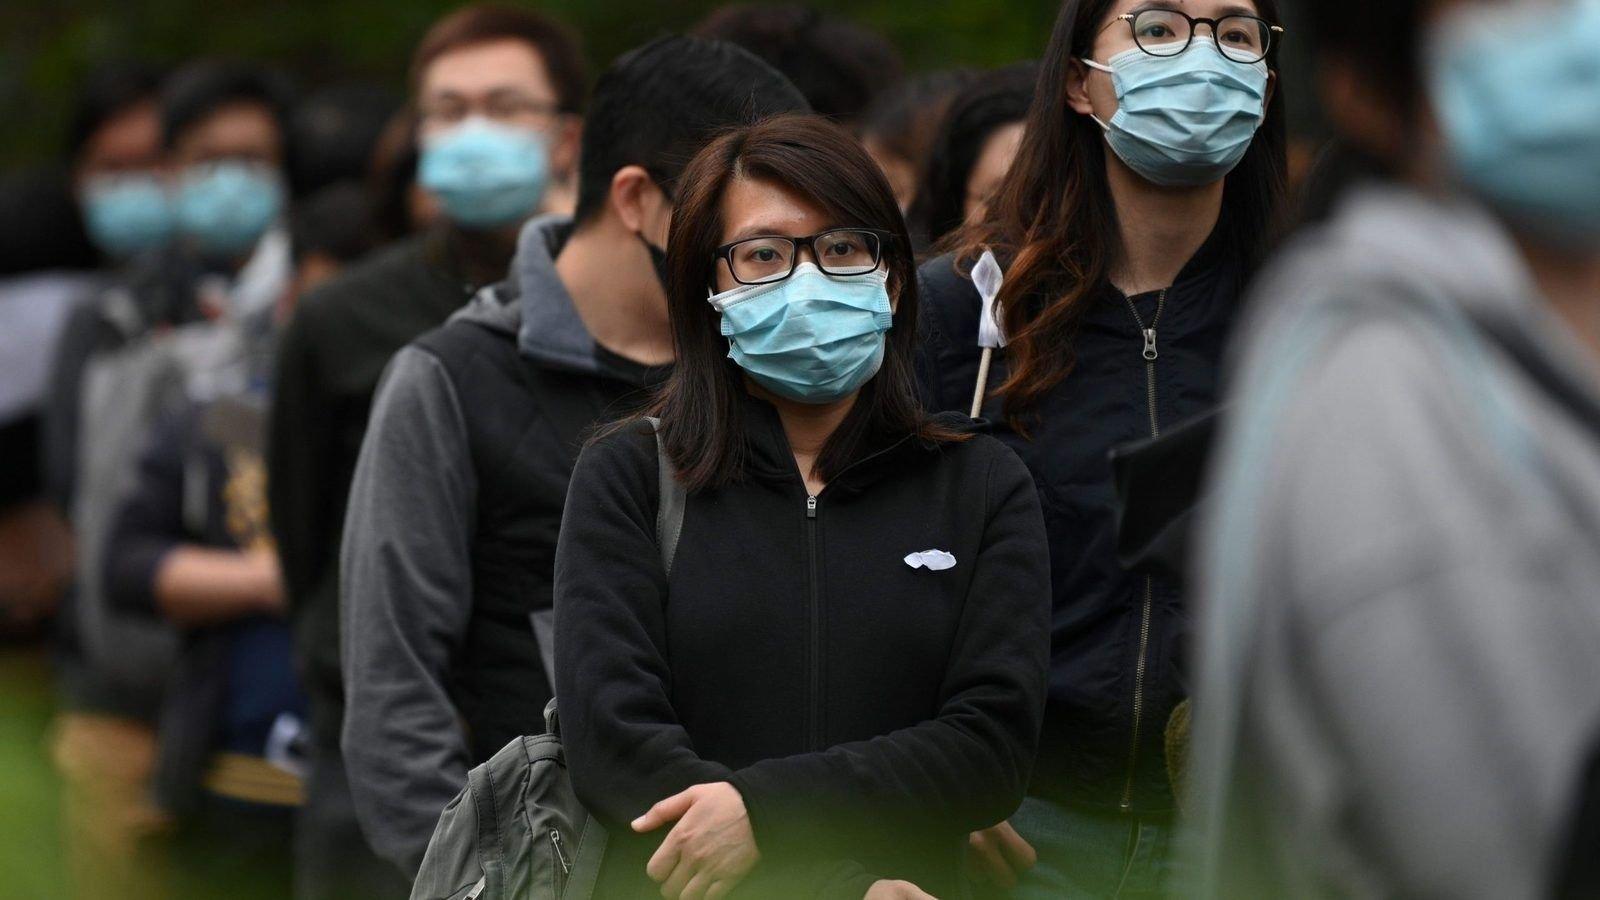 Хонг Конгийн захиргаа бүх иргэндээ тус бүр 1,200 ам.доллар тараана